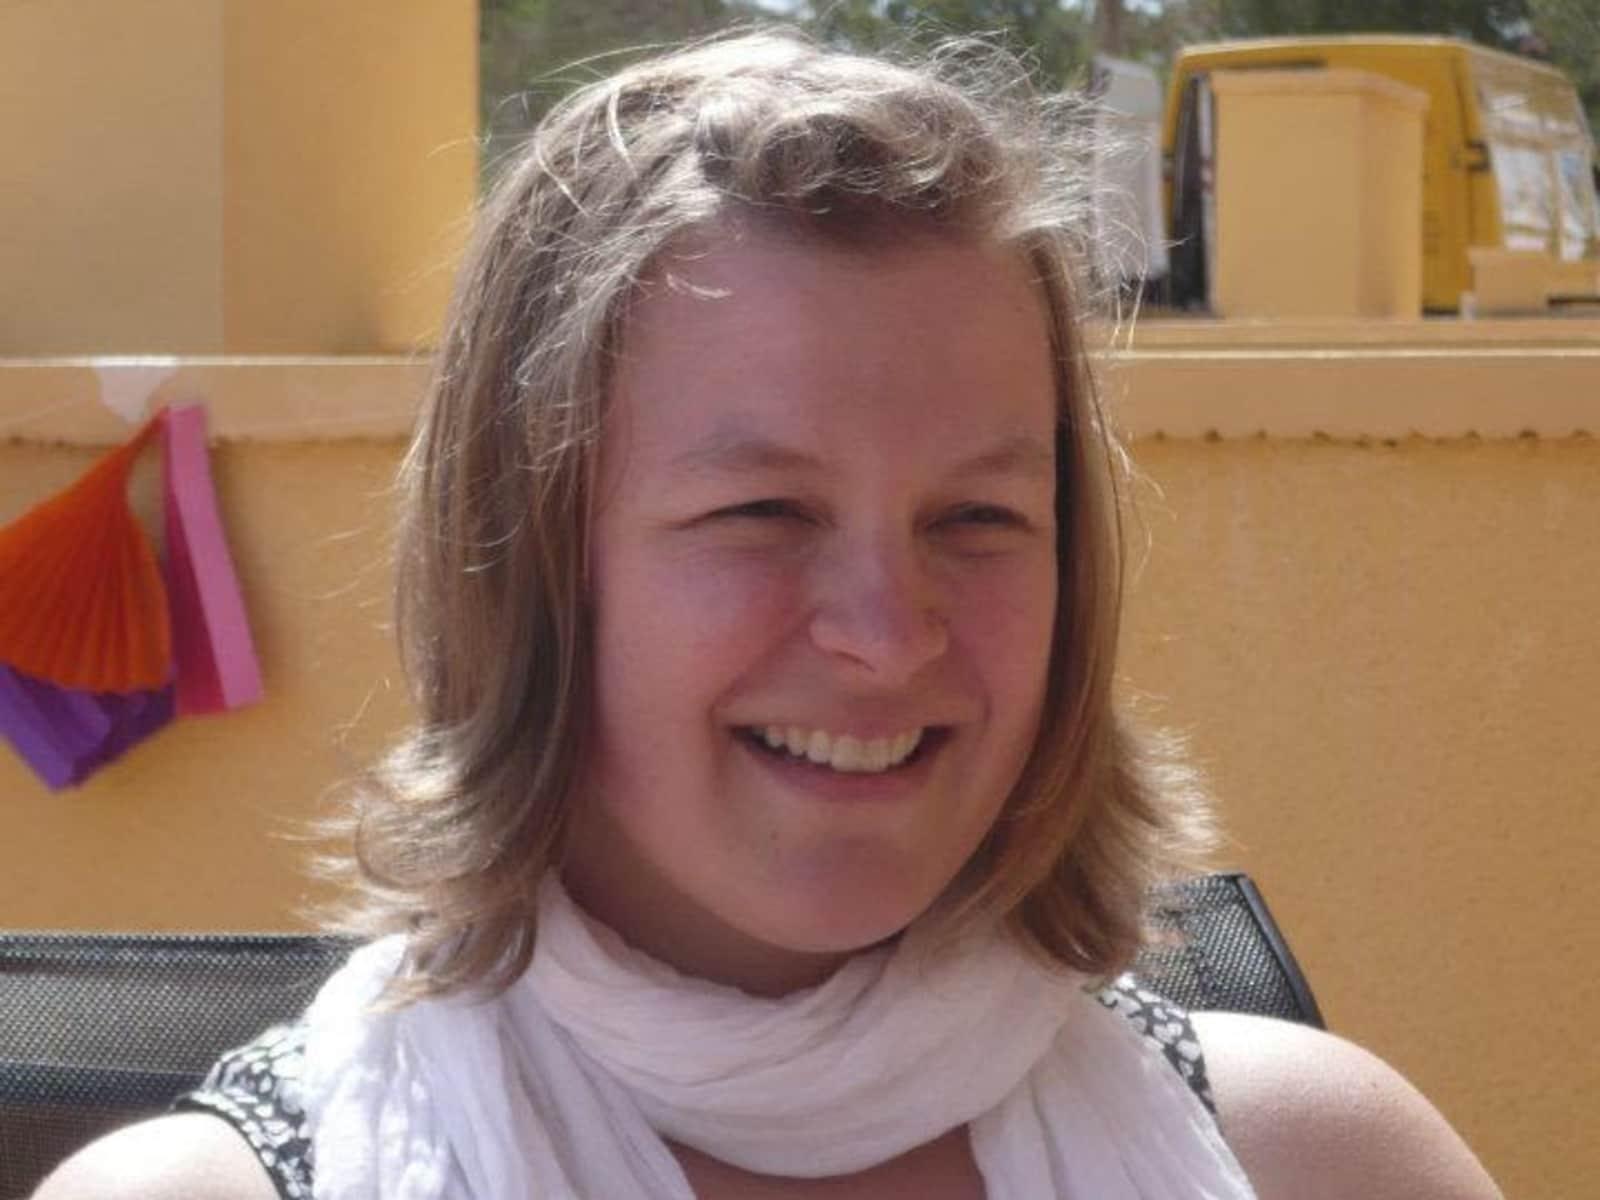 Sara from Hasselt, Belgium